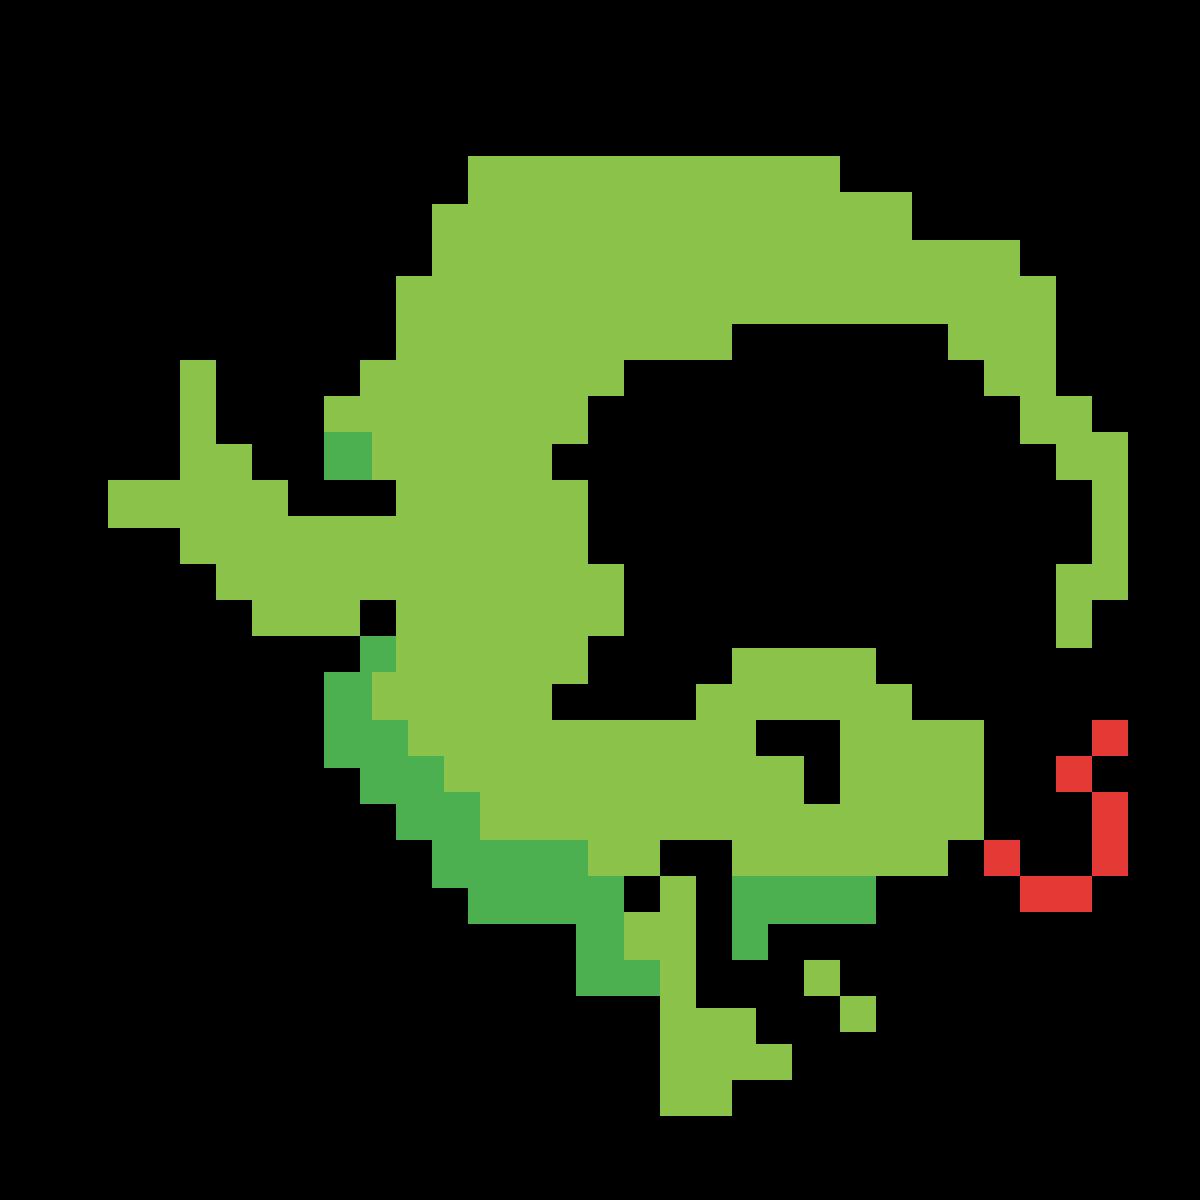 lizard, because I'm weird by mcdonough